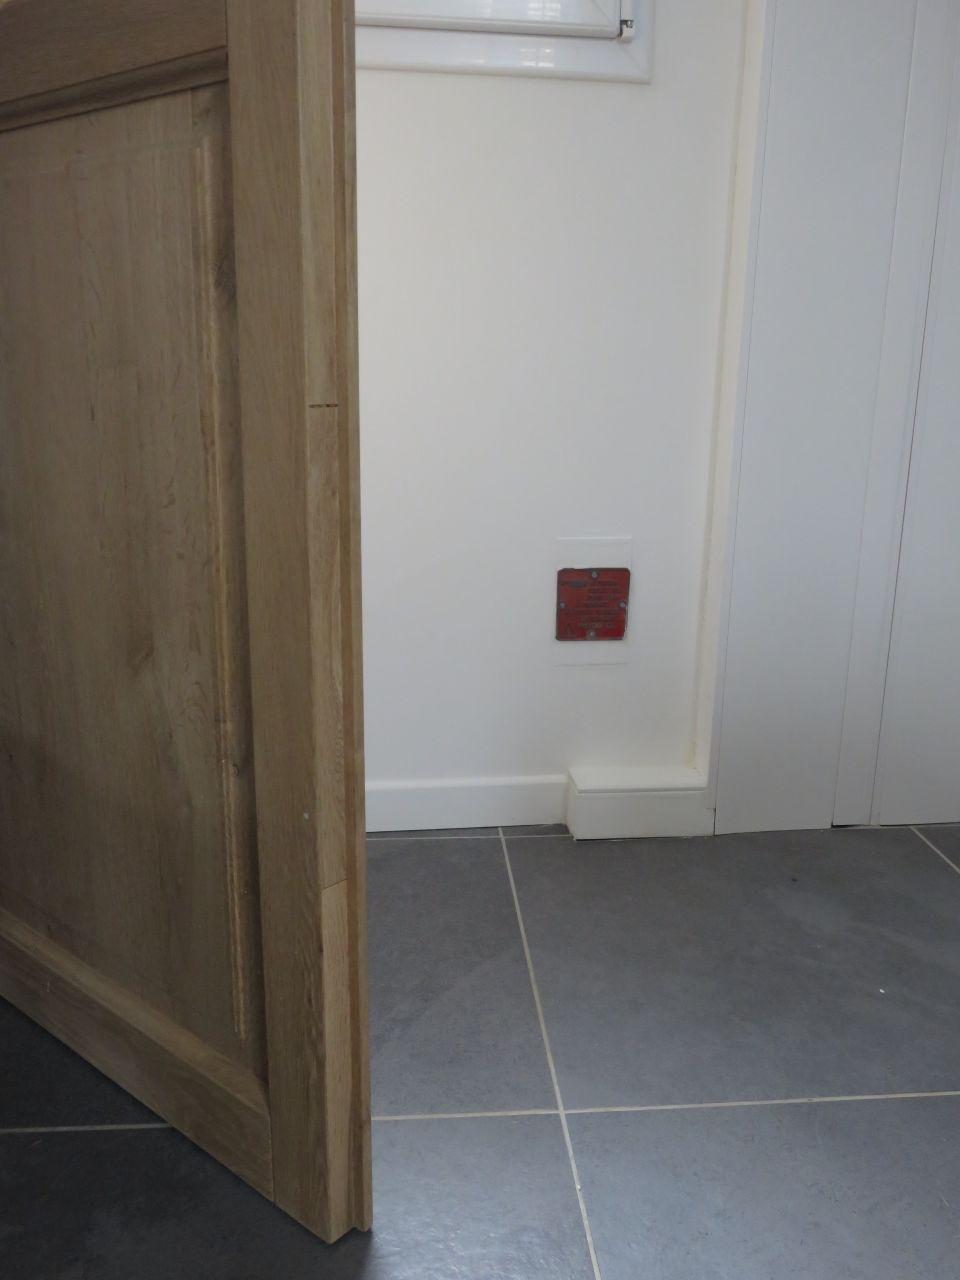 photo comment cacher la prise de terre mais trouver une astuce pour savoir ou elle est. Black Bedroom Furniture Sets. Home Design Ideas